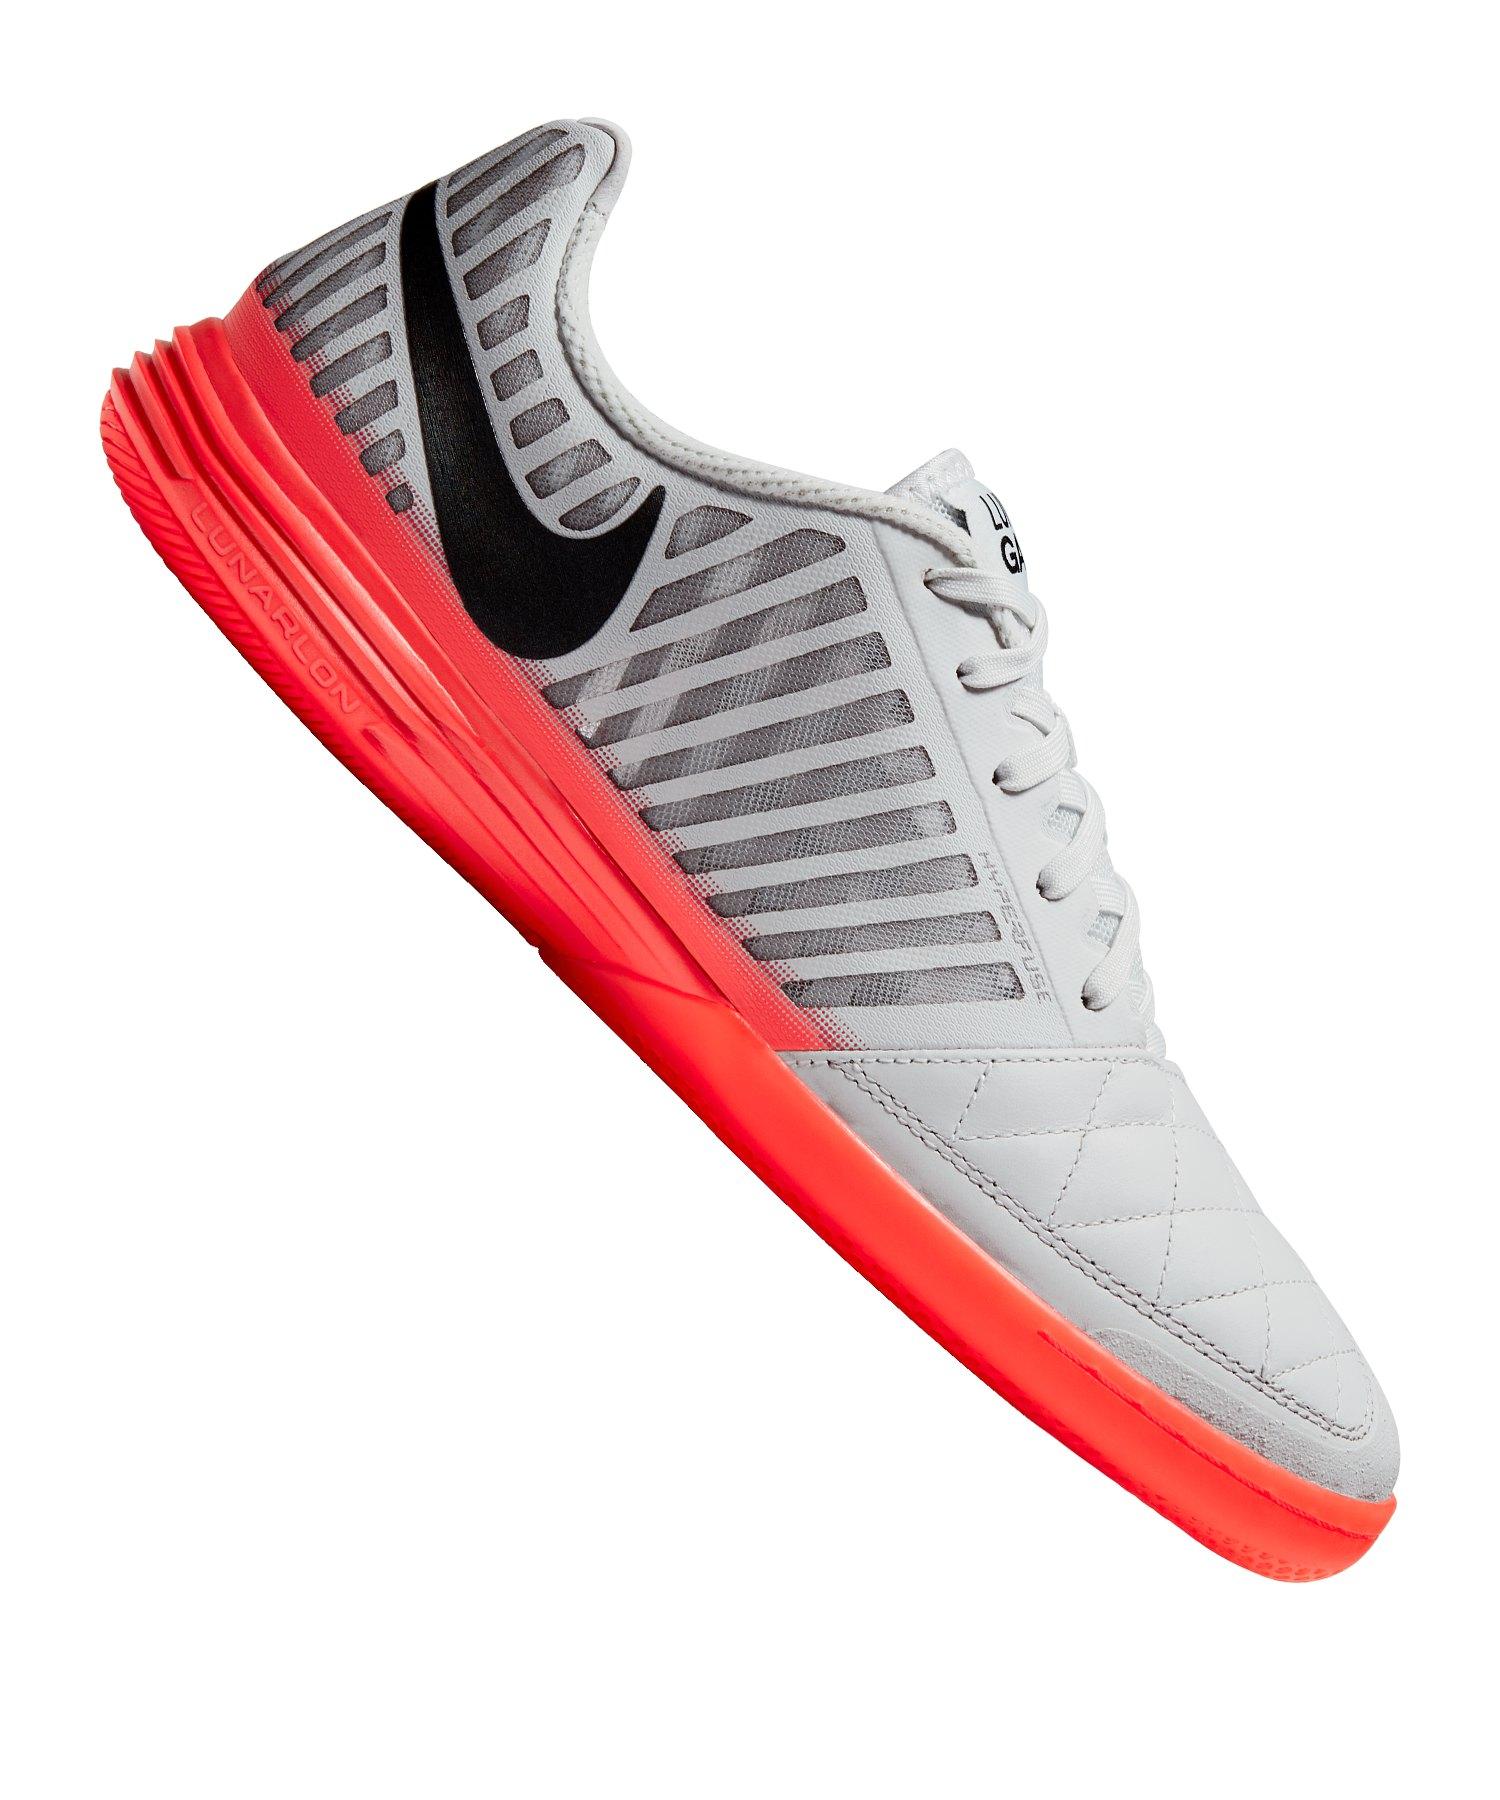 Nike Lunar Gato II IC Grau Rot F060 - grau